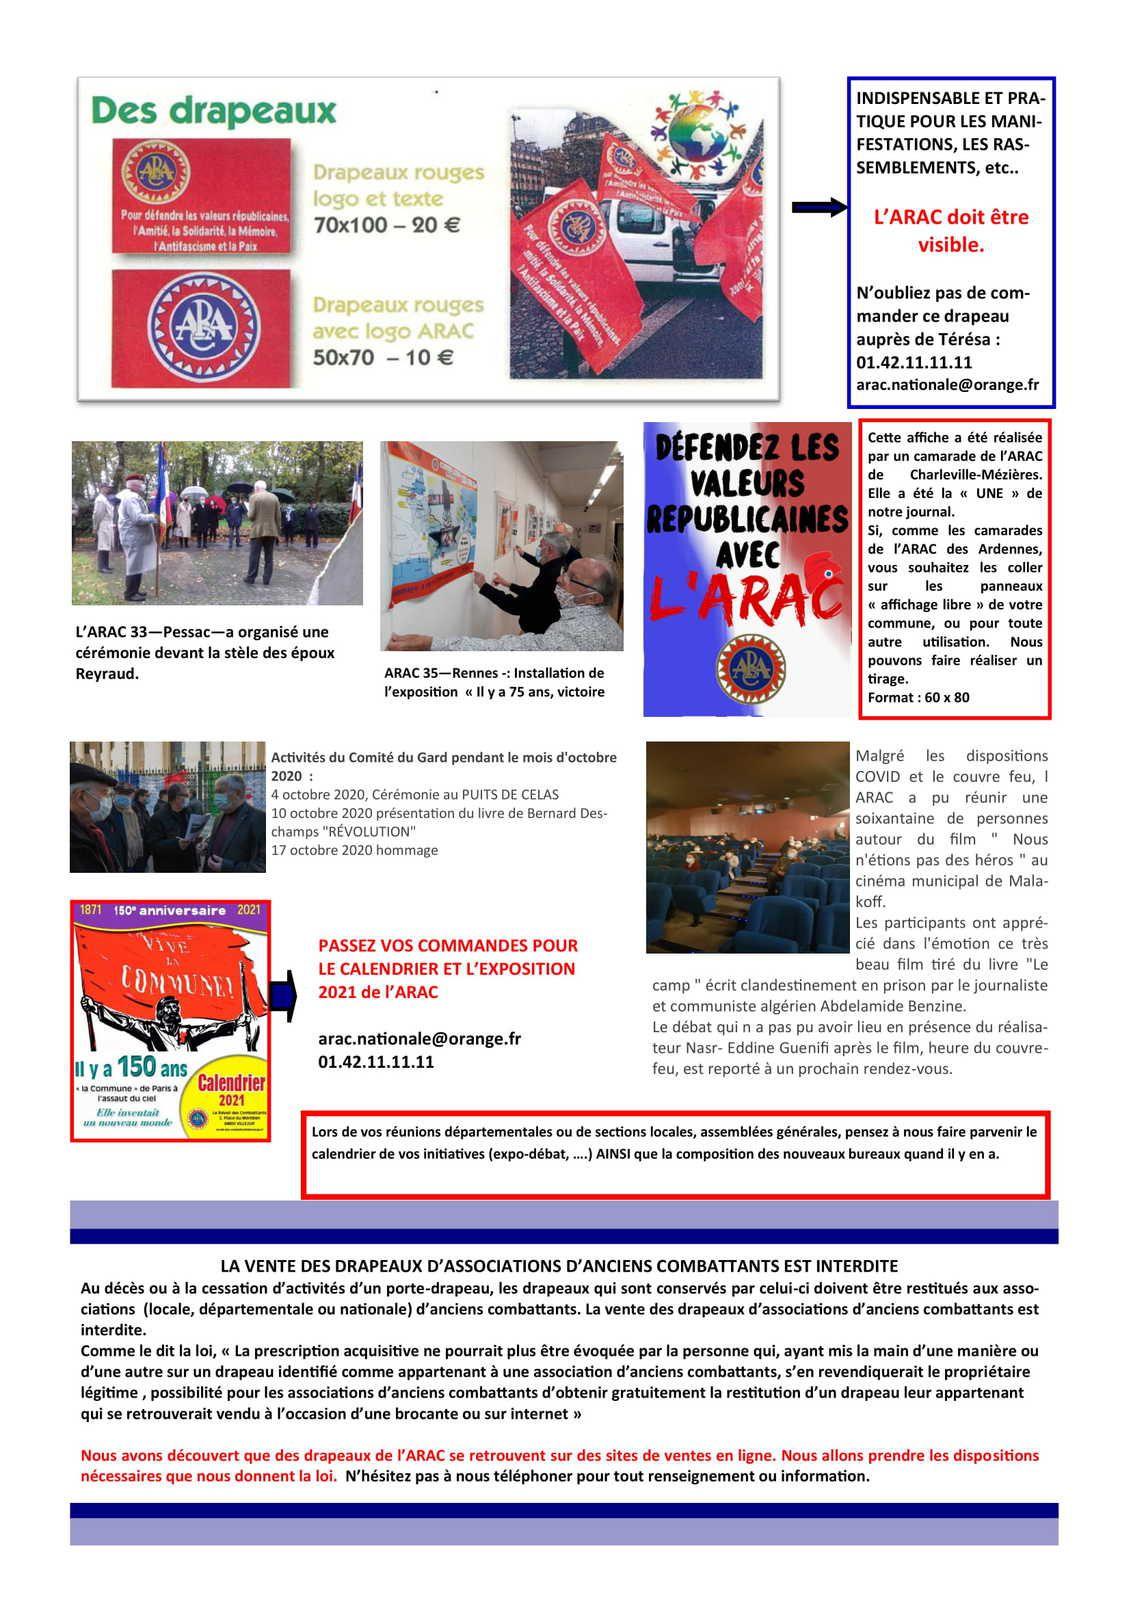 Le bulletin de liaison de l'ARAC n°11 - novembre 2020